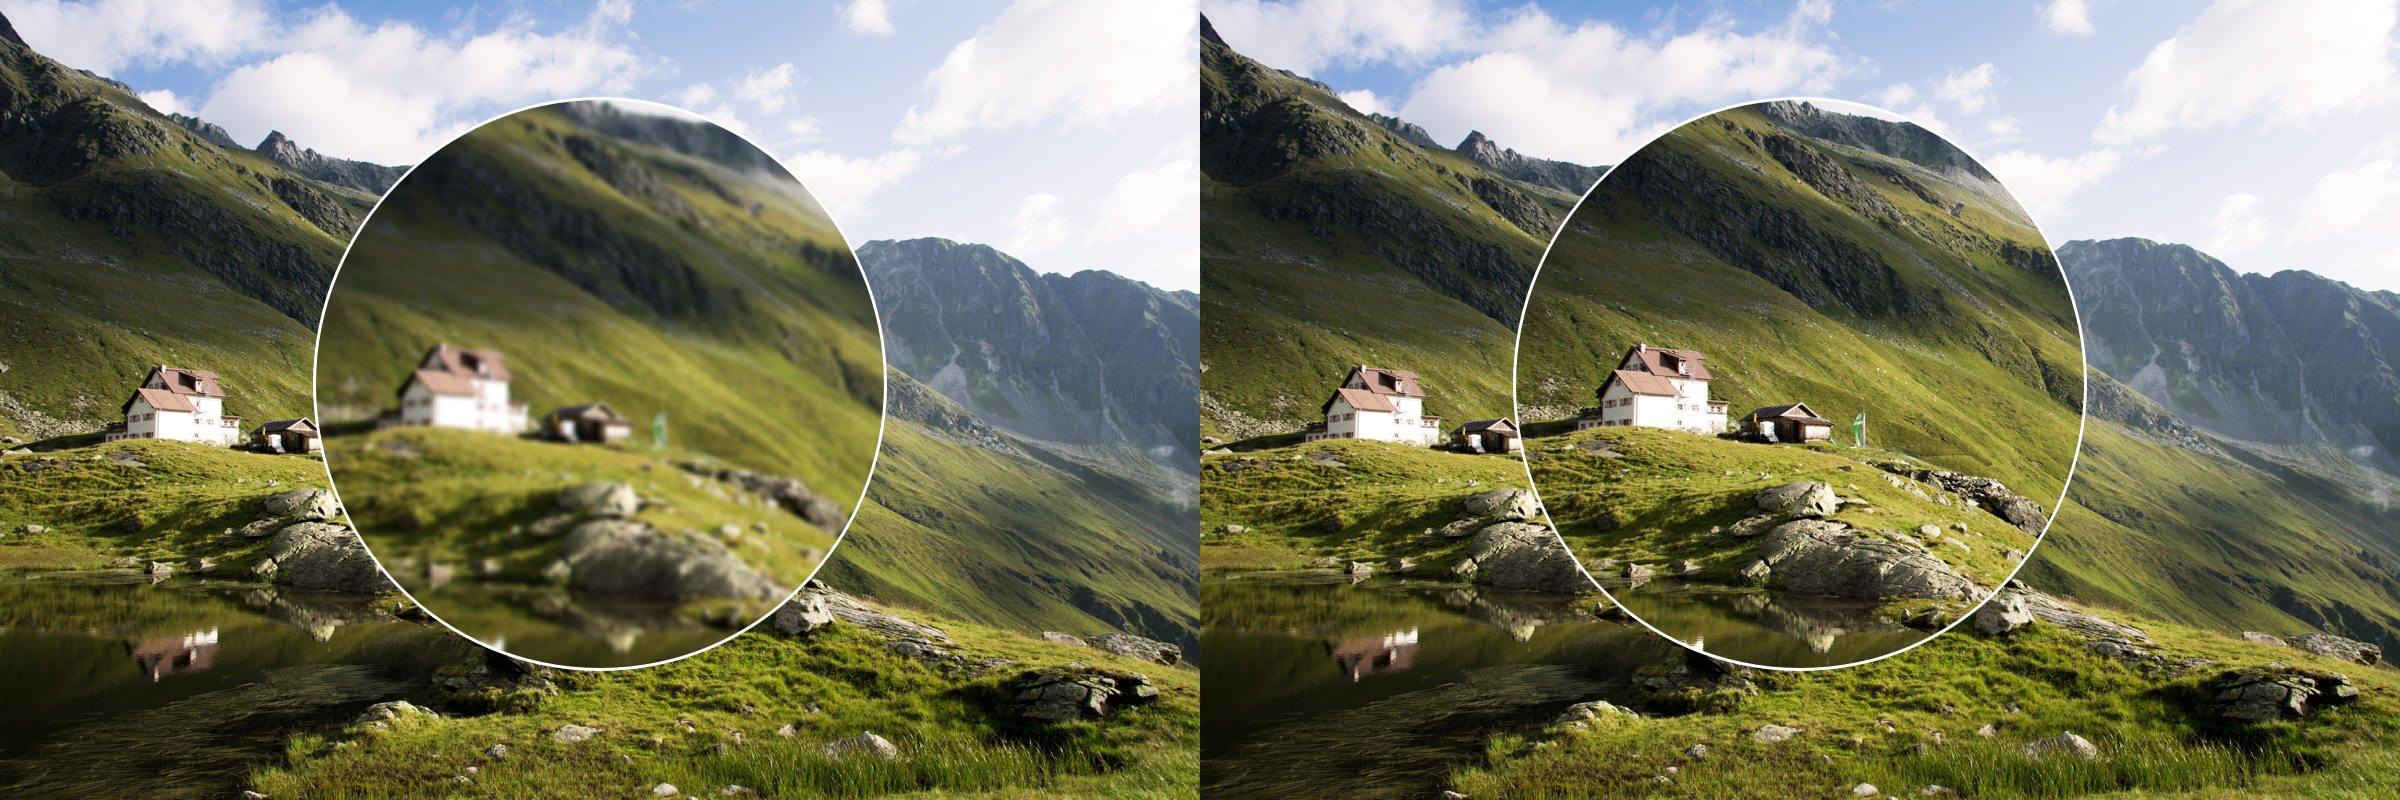 Tính năng CrystalView trên Insta360 Pro 2